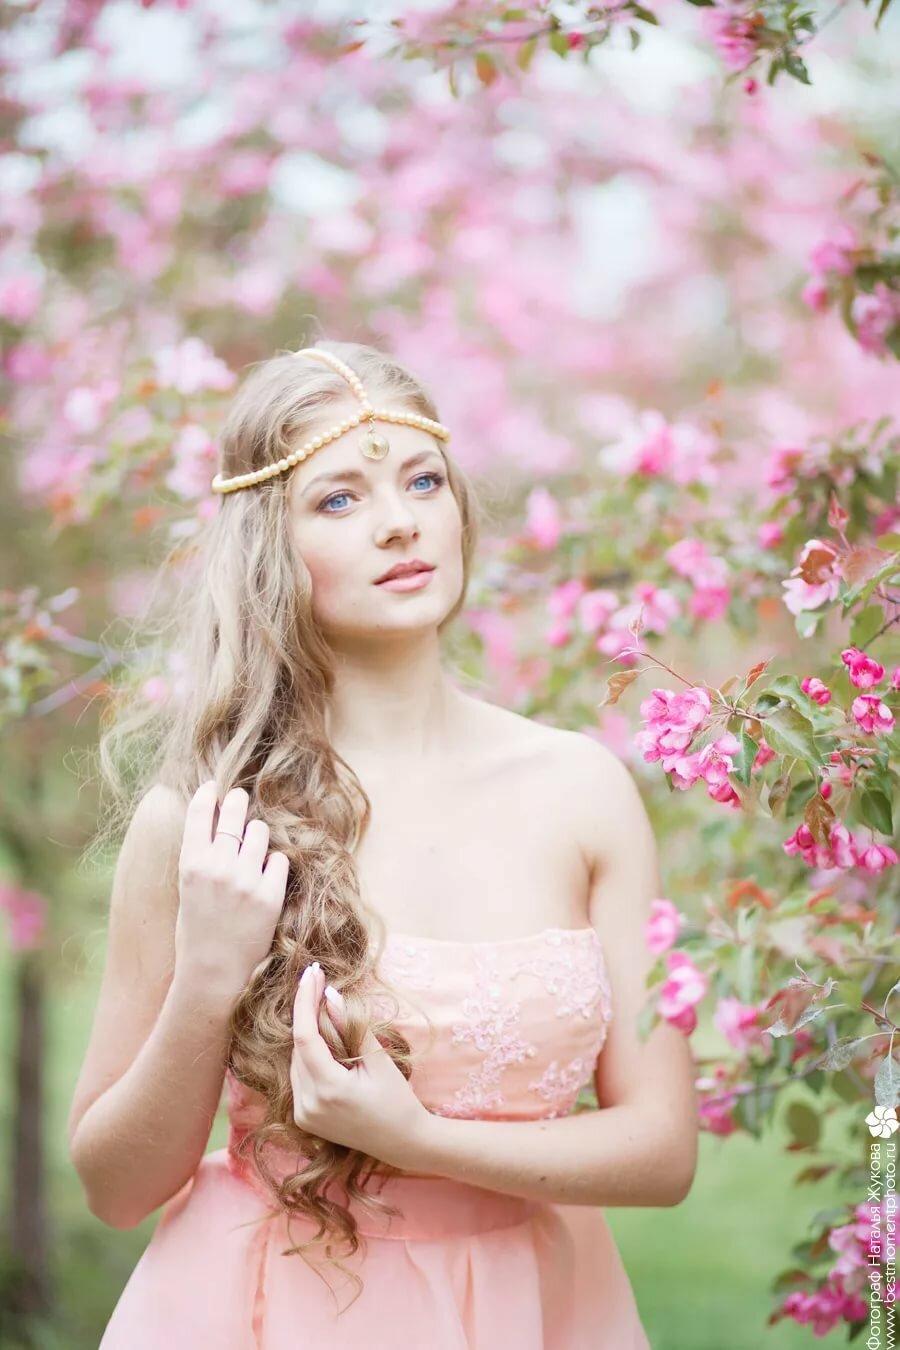 Нежные цветы фото большие нарядных